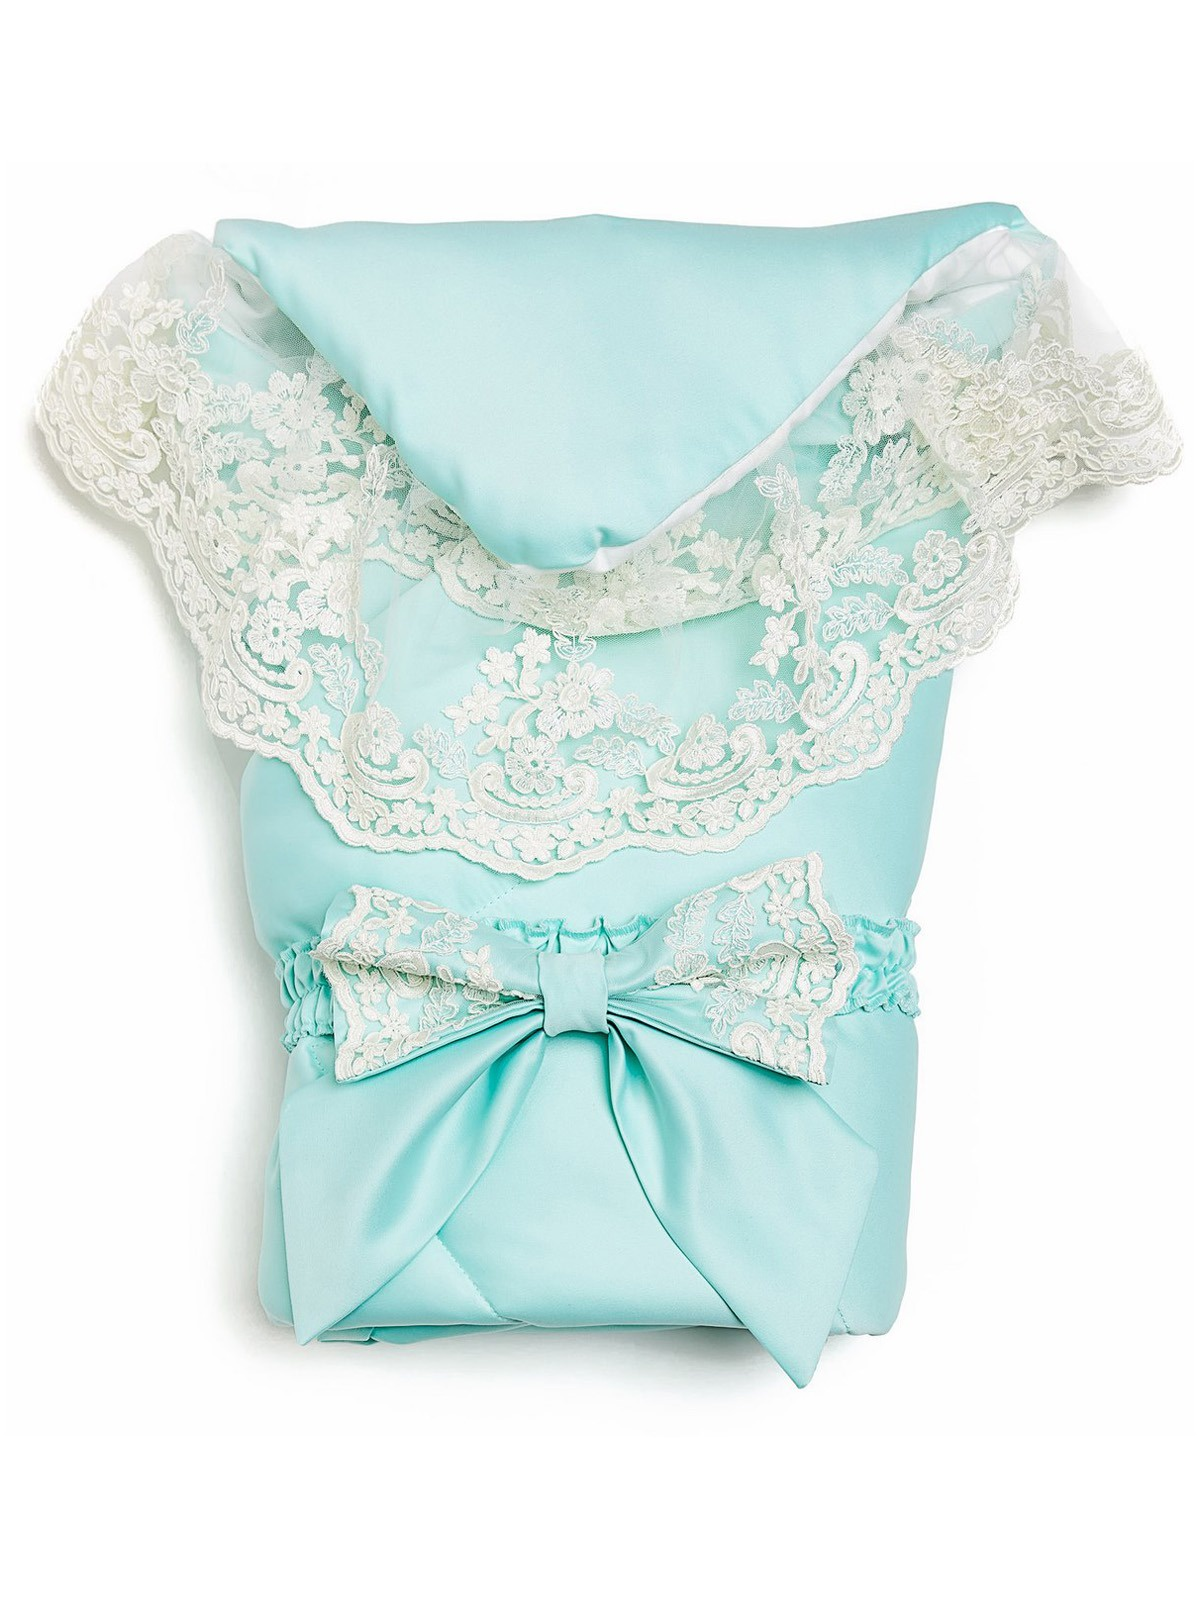 Конверт для новорожденного Luxury Baby Красивое зимнее конверт-одеяло для...